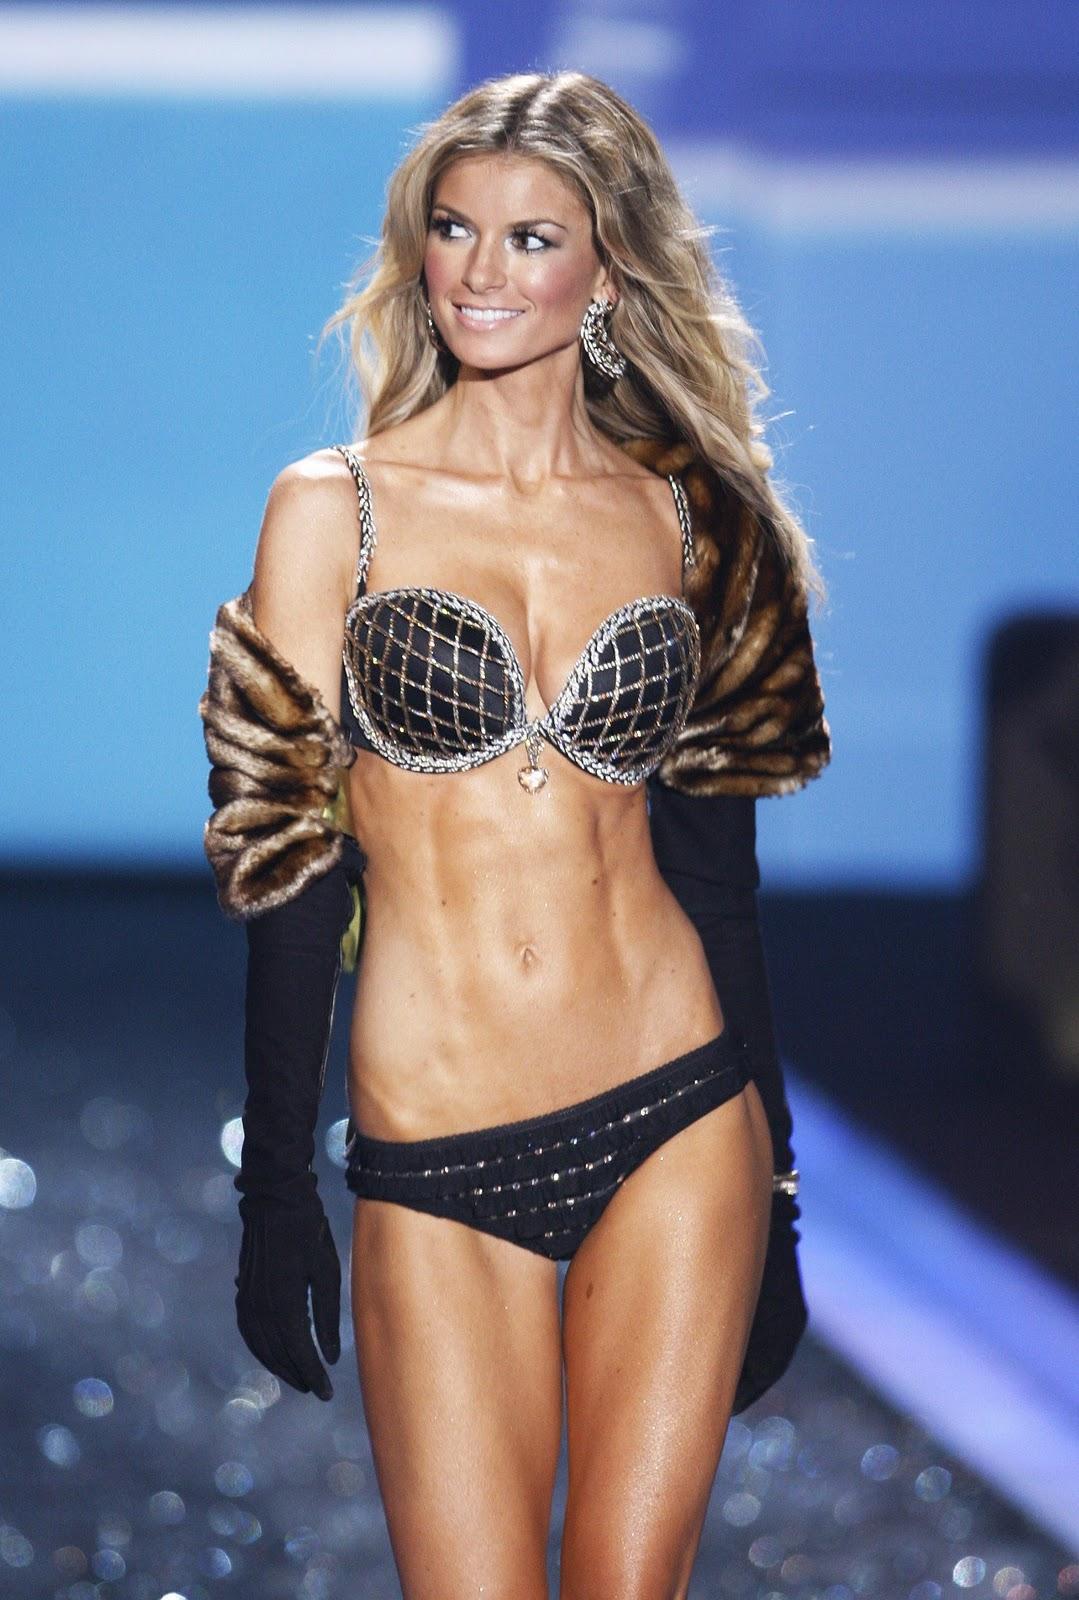 http://3.bp.blogspot.com/_kDujDzwdR0M/TQon-fjPB-I/AAAAAAAACwE/pm5jswXI2gY/s1600/38952_marisa_miller_VS_Fashion_Show-11_122_105lo.jpg